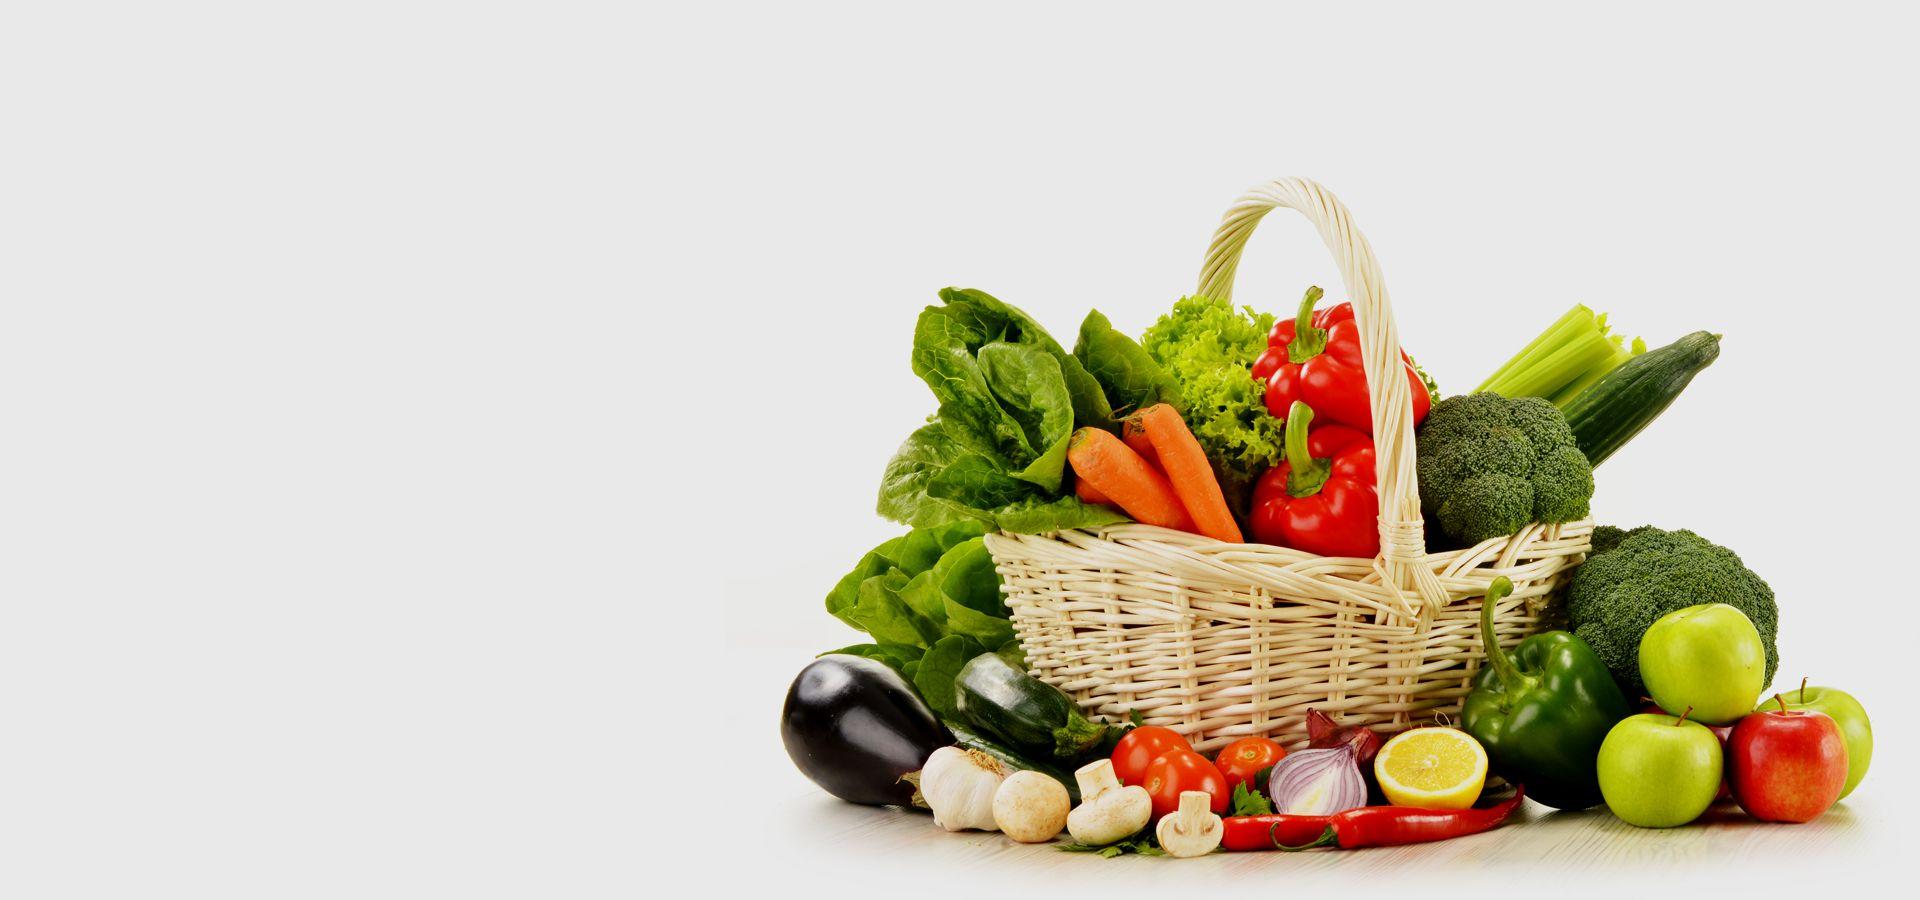 sprzedaz-warzyw-owocow